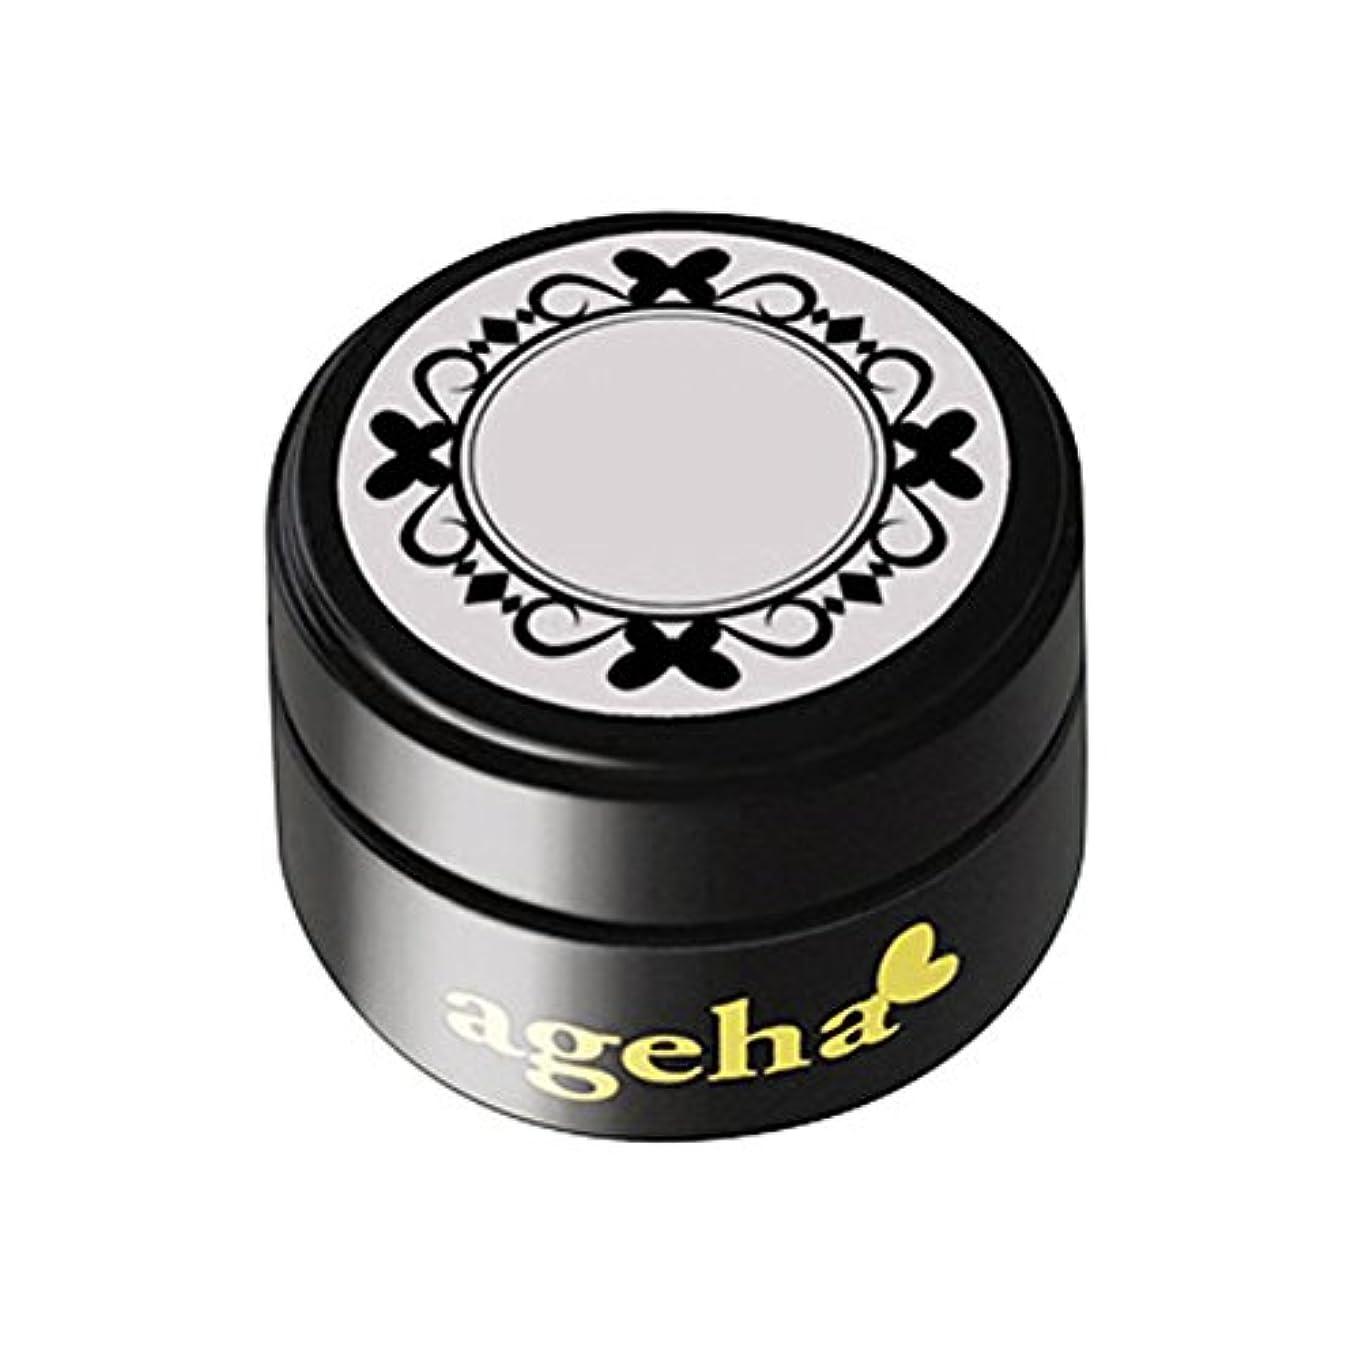 集める通信網重量ageha gel カラージェル コスメカラー 217 オーキッド 2.7g UV/LED対応